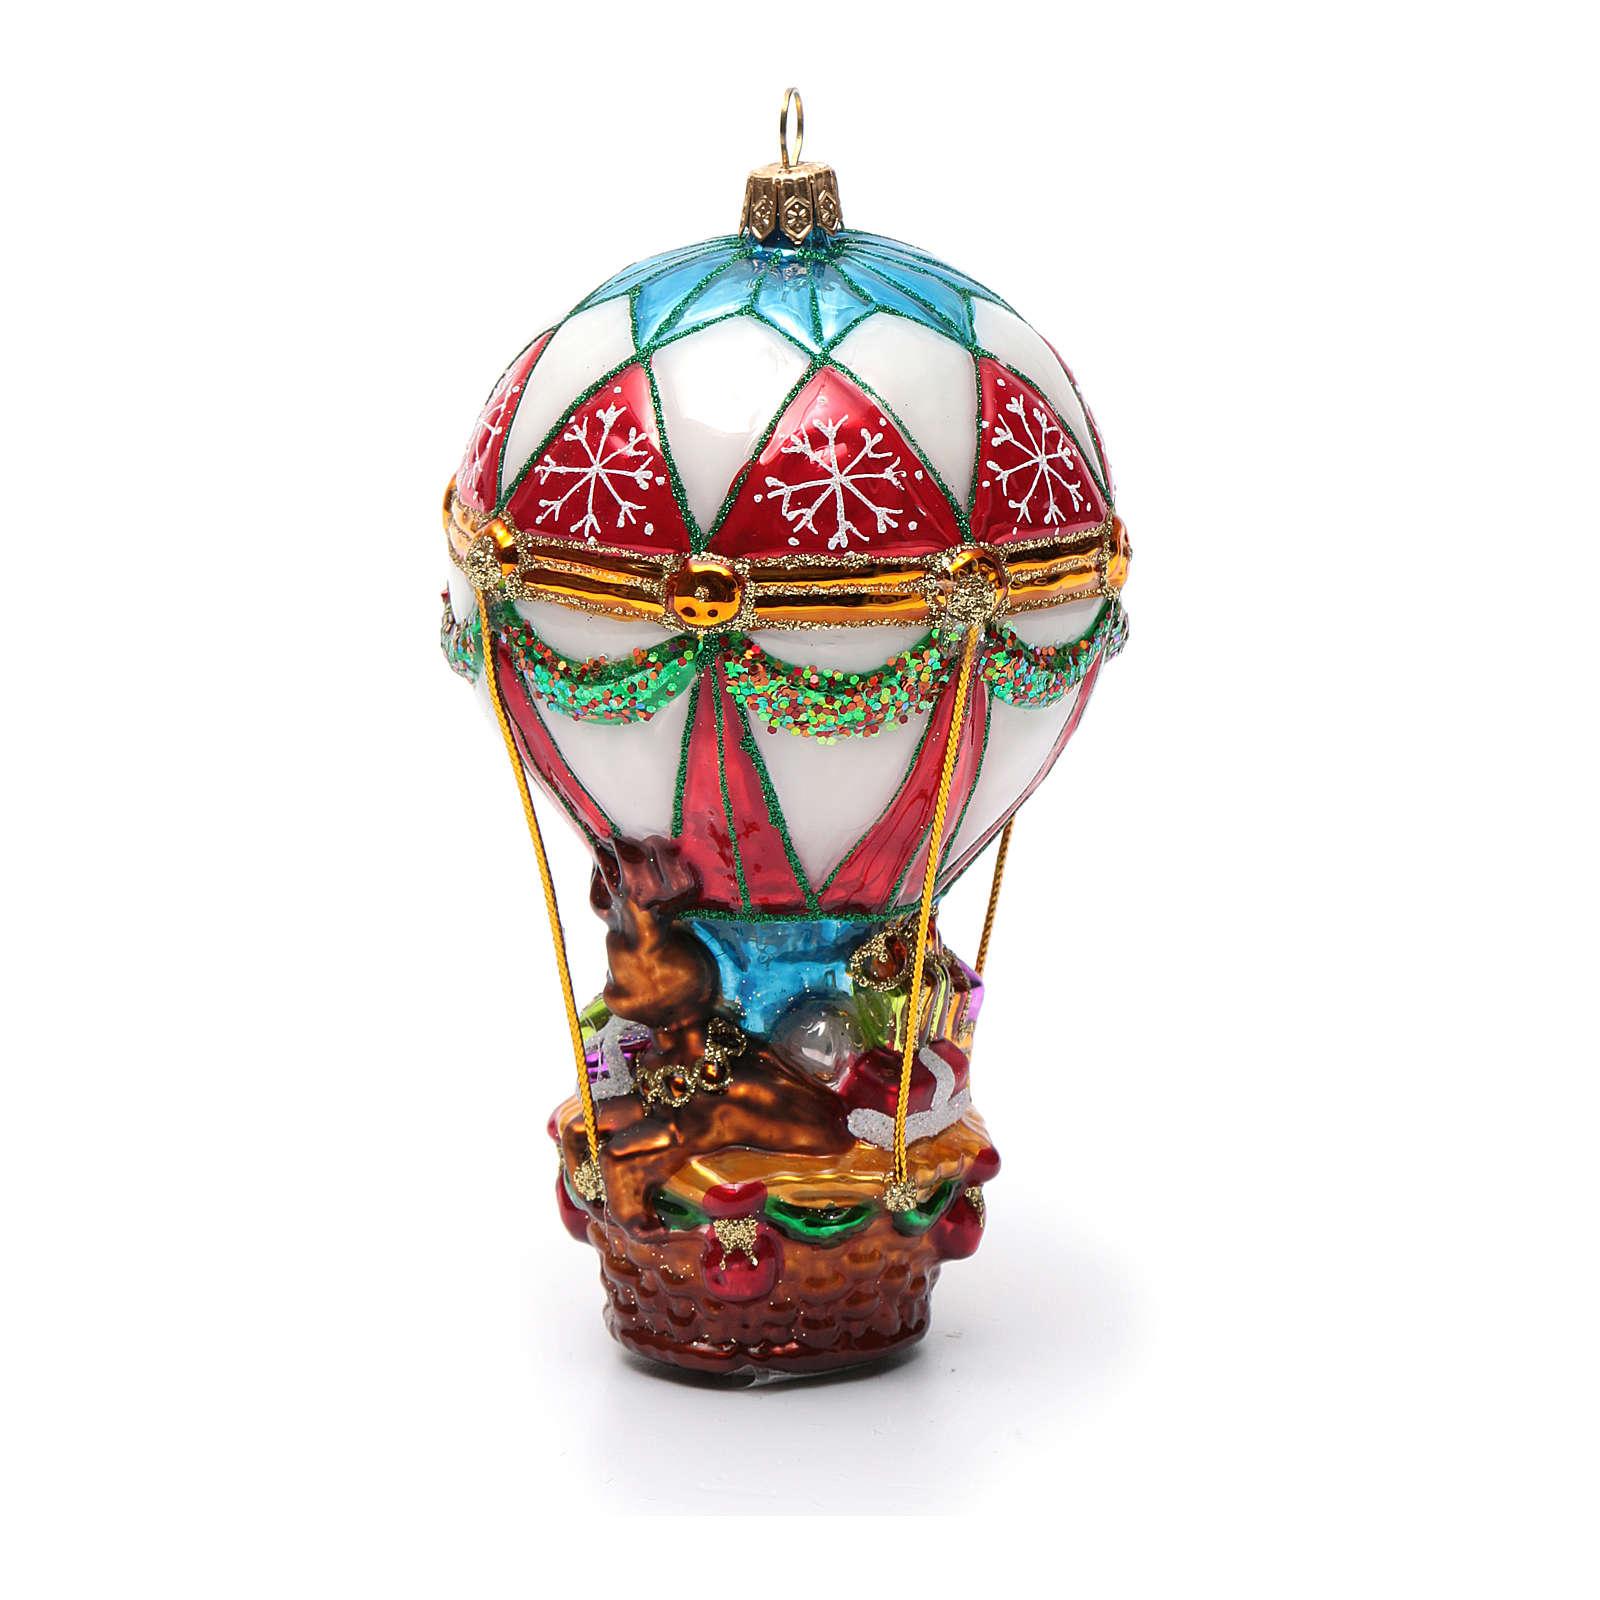 Blown glass Christmas ornament, Santa Claus on hot-air balloon 4